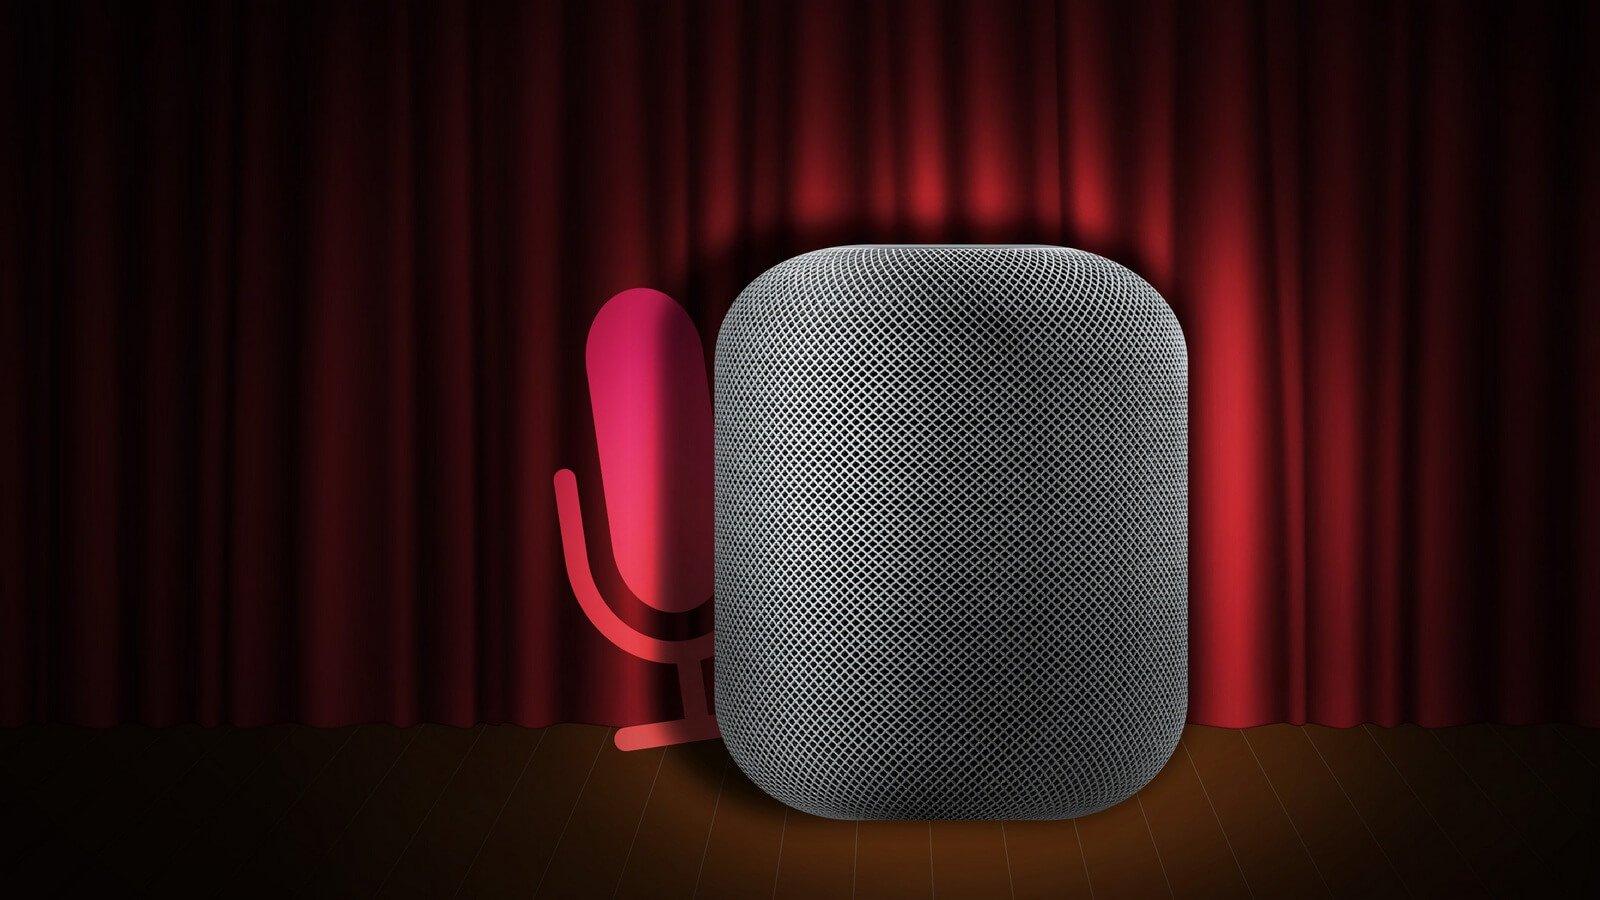 Apple рассказала о способах воспроизведения музыки на HomePod